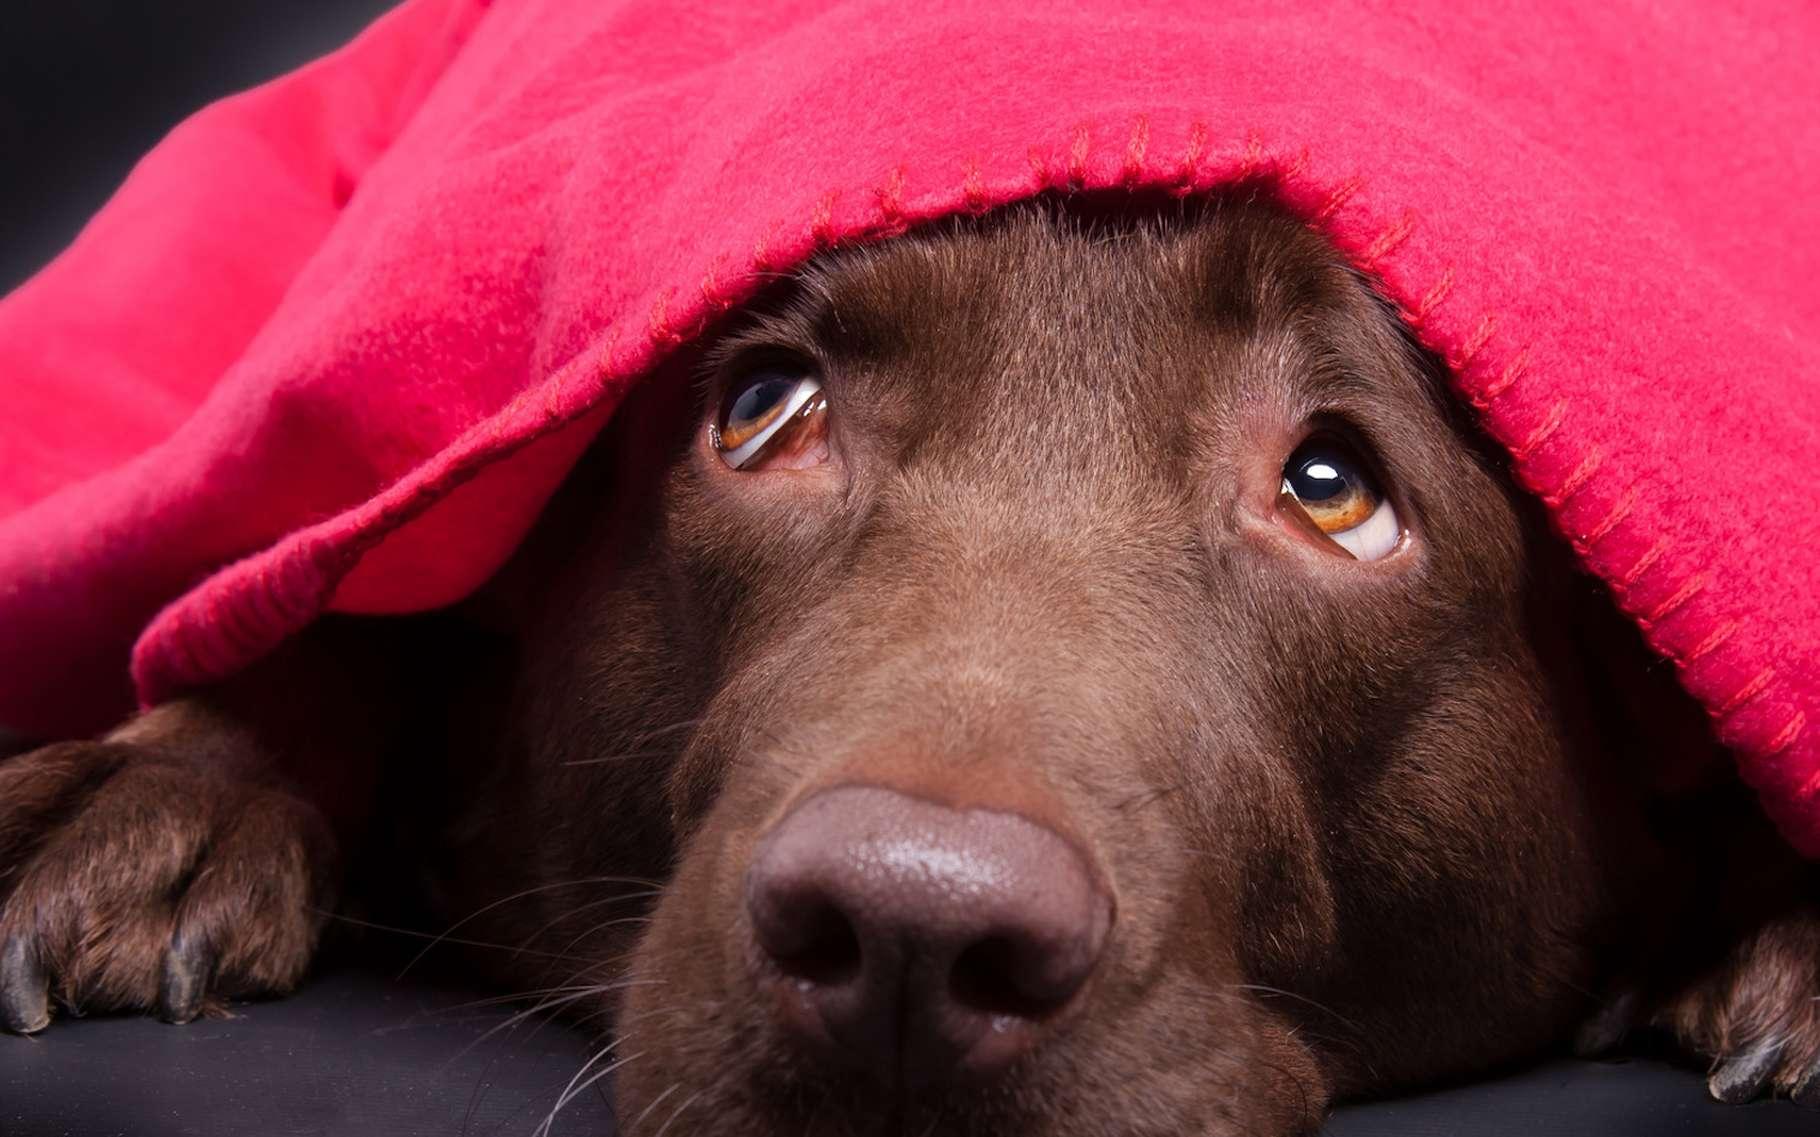 Certains chiens ont très peur des feux d'artifice. Il faut savoir prendre cette peur en compte pour parvenir à les apaiser. © Magnus Pomm, Fotolia